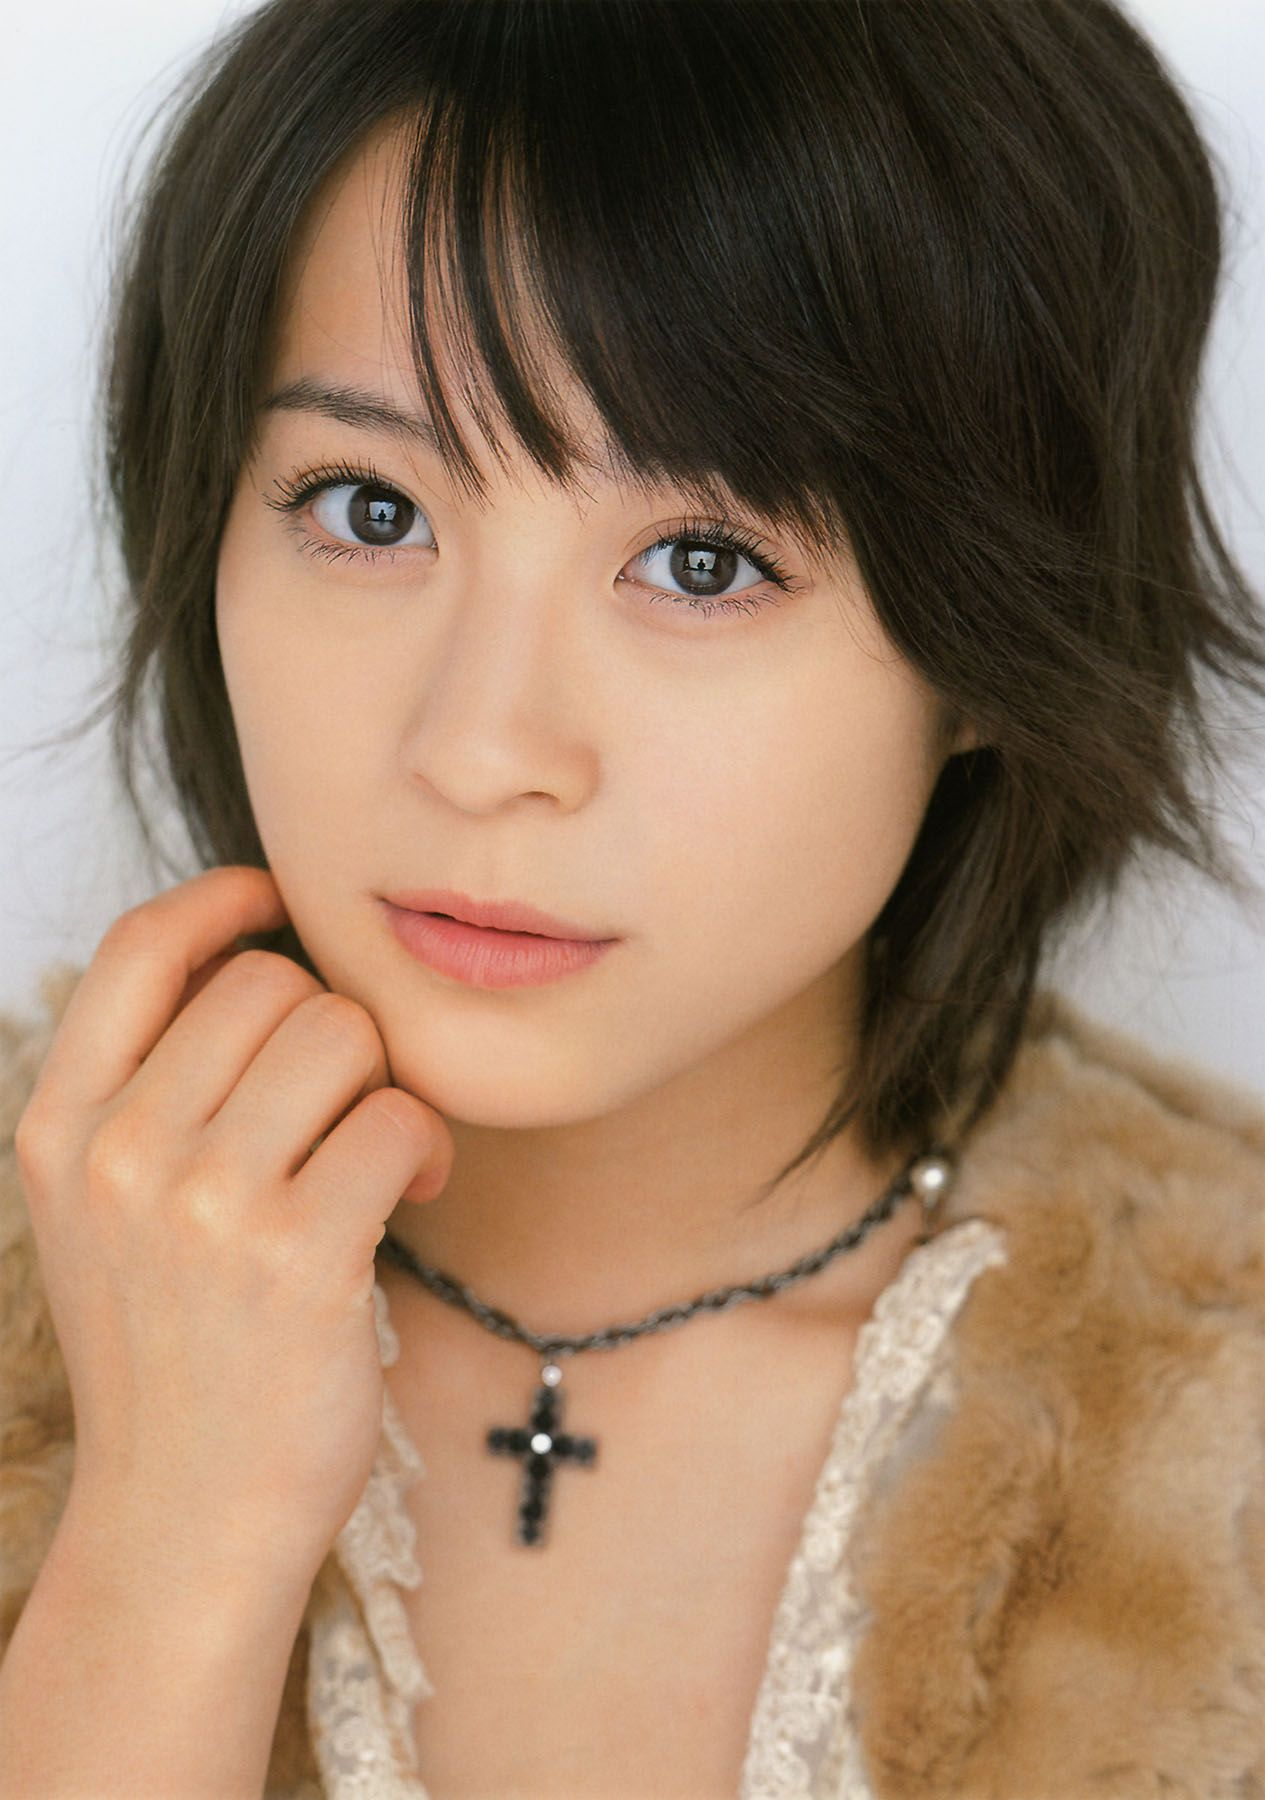 北乃きい きたの きい Kitano Kii 1991 日本 女優 歌手 ファッションモデル グラビアアイドル 女性 芸能人 顔